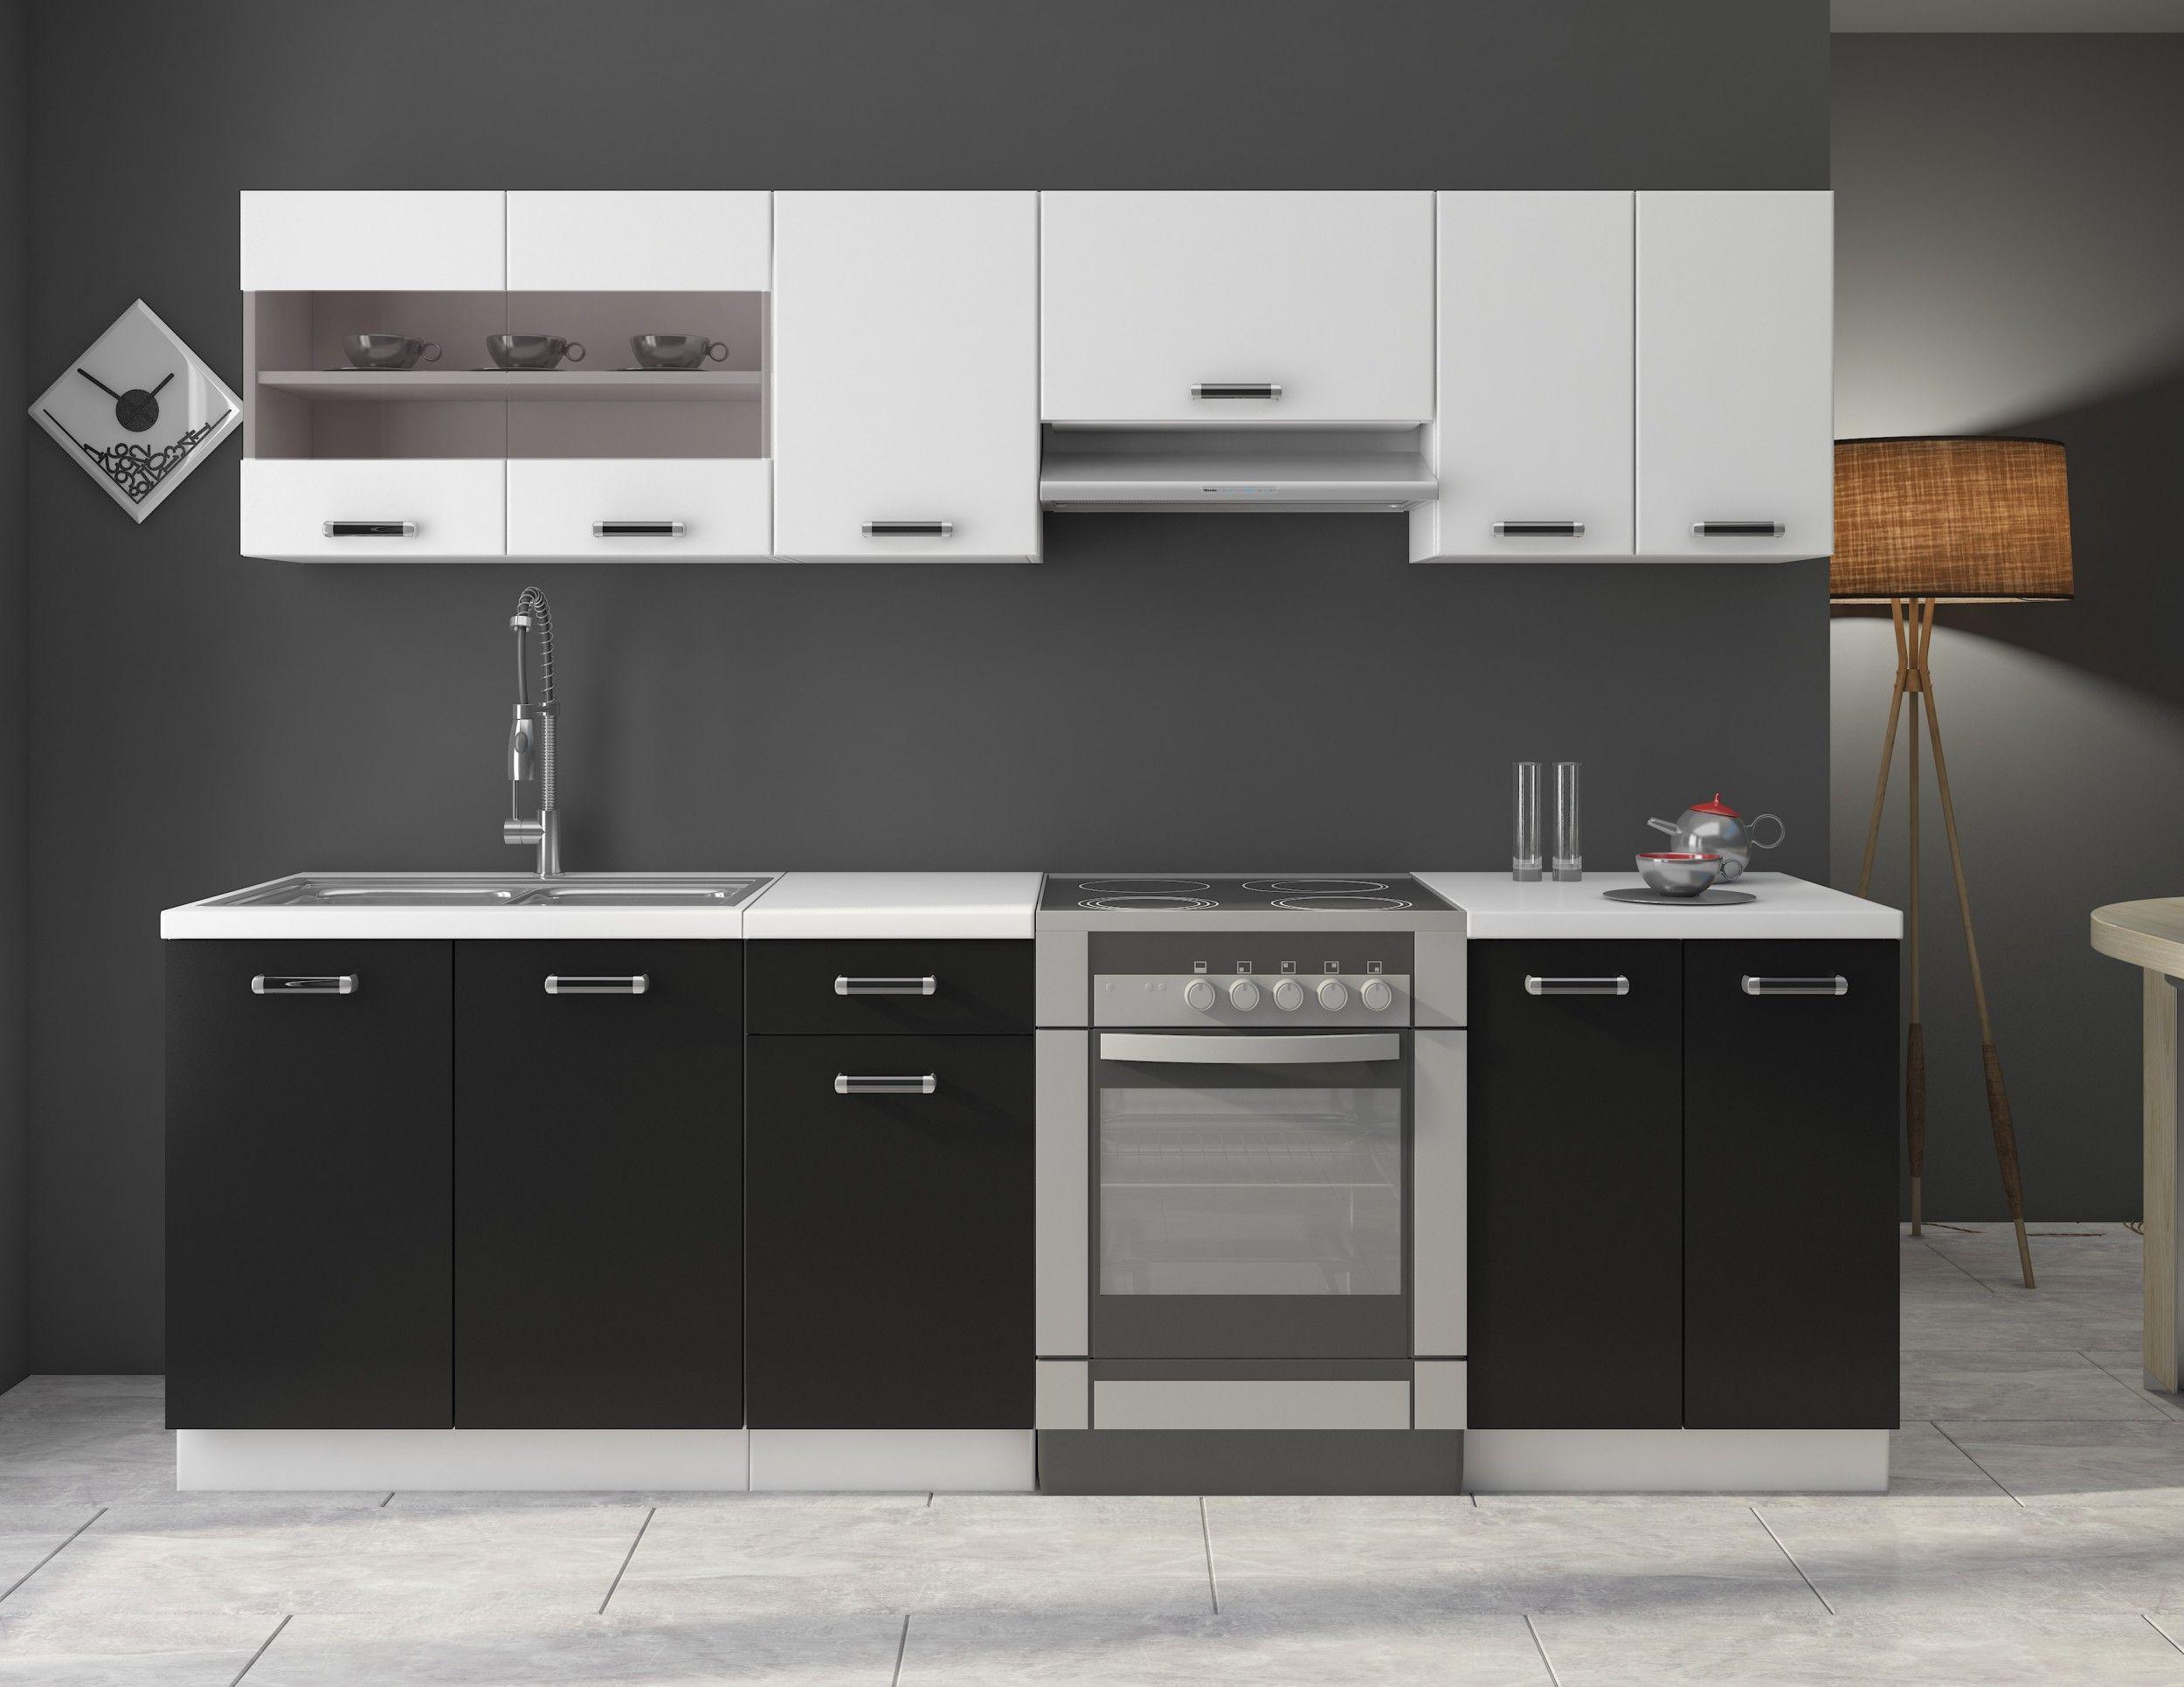 küchenmöbel einzeln kaufen in 2020 | Unterschrank küche ...